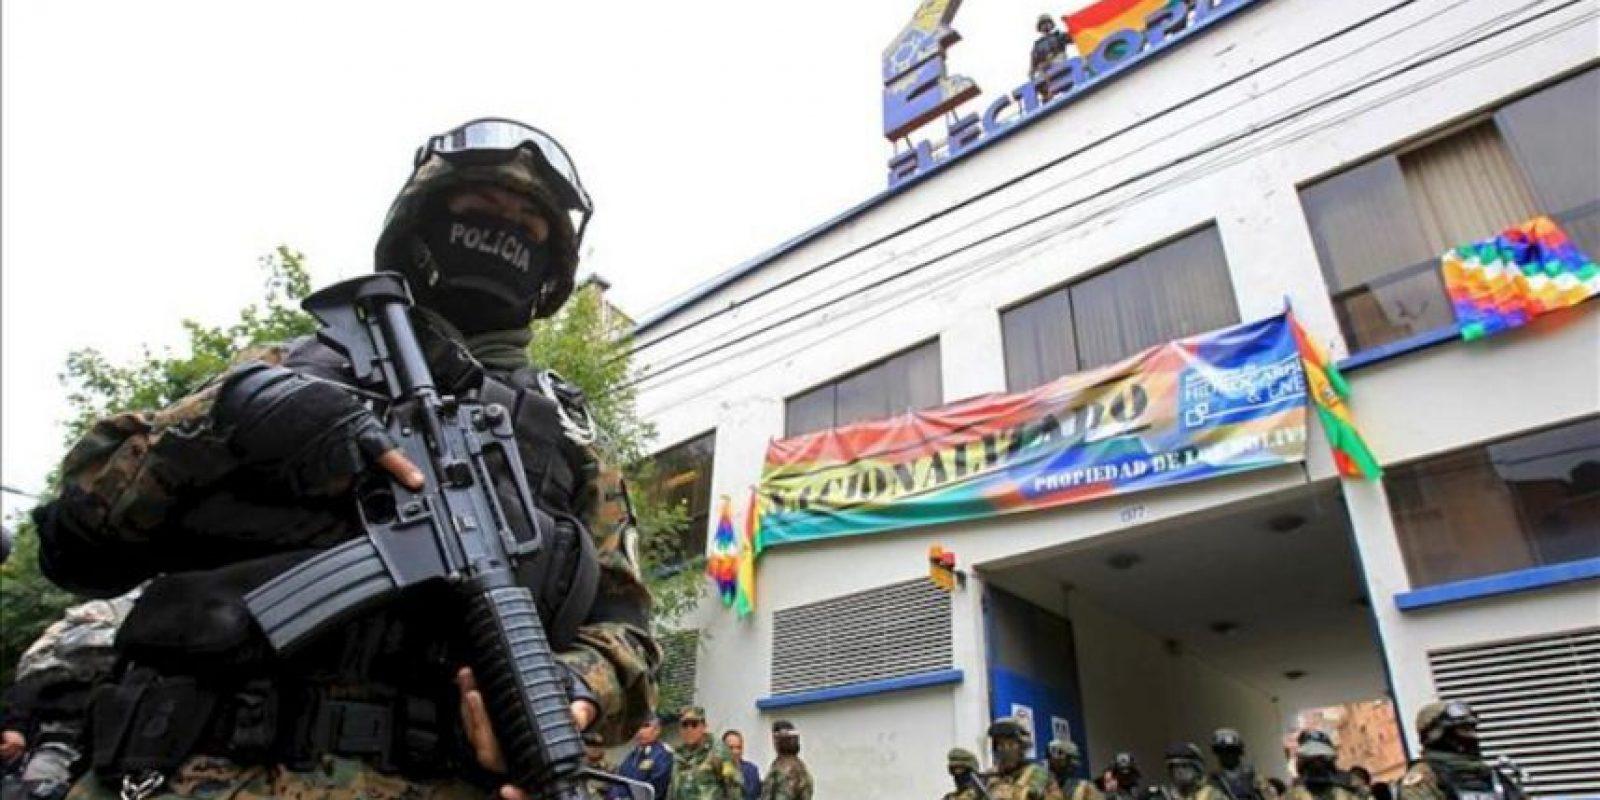 Autoridades bolivianas custodian una de las principales oficinas de la distribuidora Electropaz, una de las cuatro empresas propiedad de la española Iberdrola nacionalizadas por el Gobierno de Bolivia hoy, sábado 29 de diciembre de 2012, en La Paz. EFE